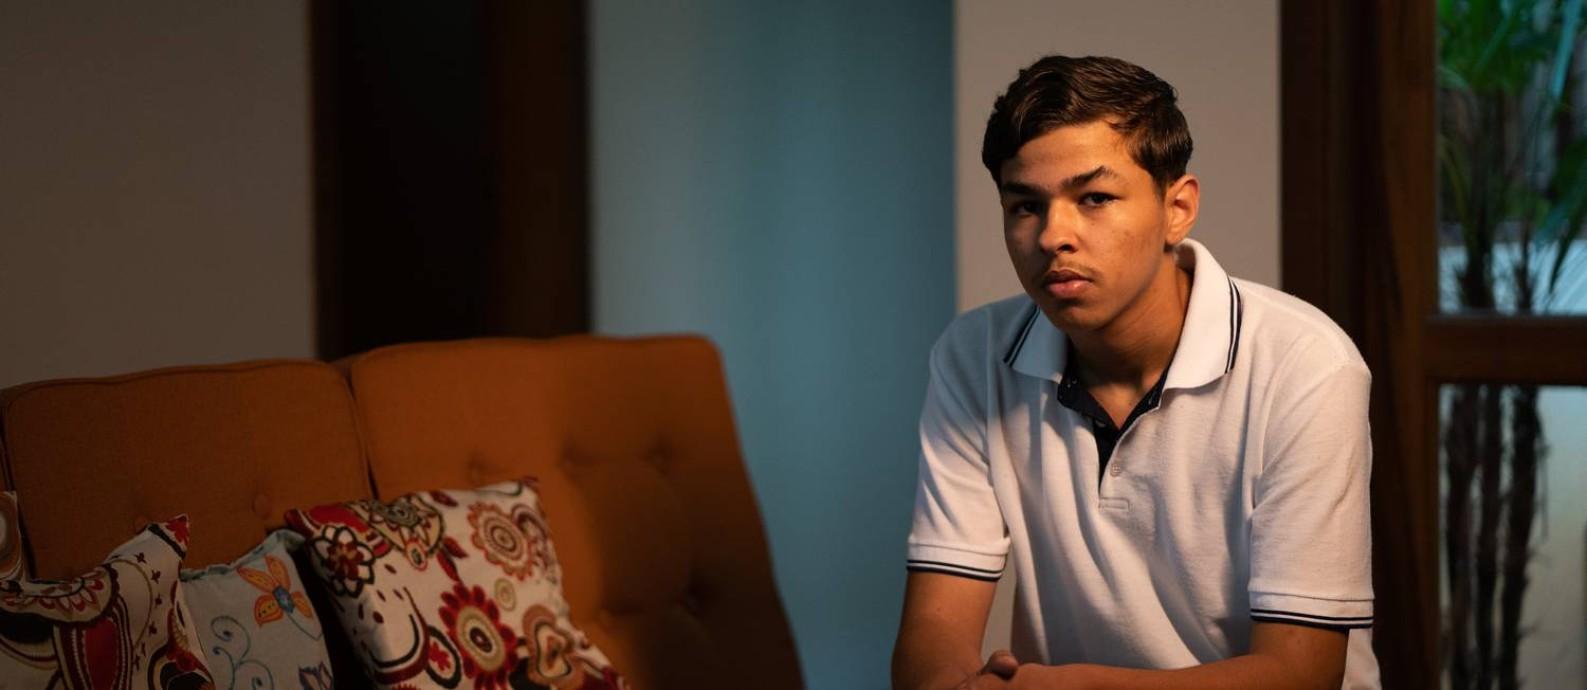 Anderson Maia Barbosa, primo de Marcos Paulo Oliveira, 16 anos, uma das nove vítimas da ação policial. Foto: Marcus Leoni / Agência O Globo